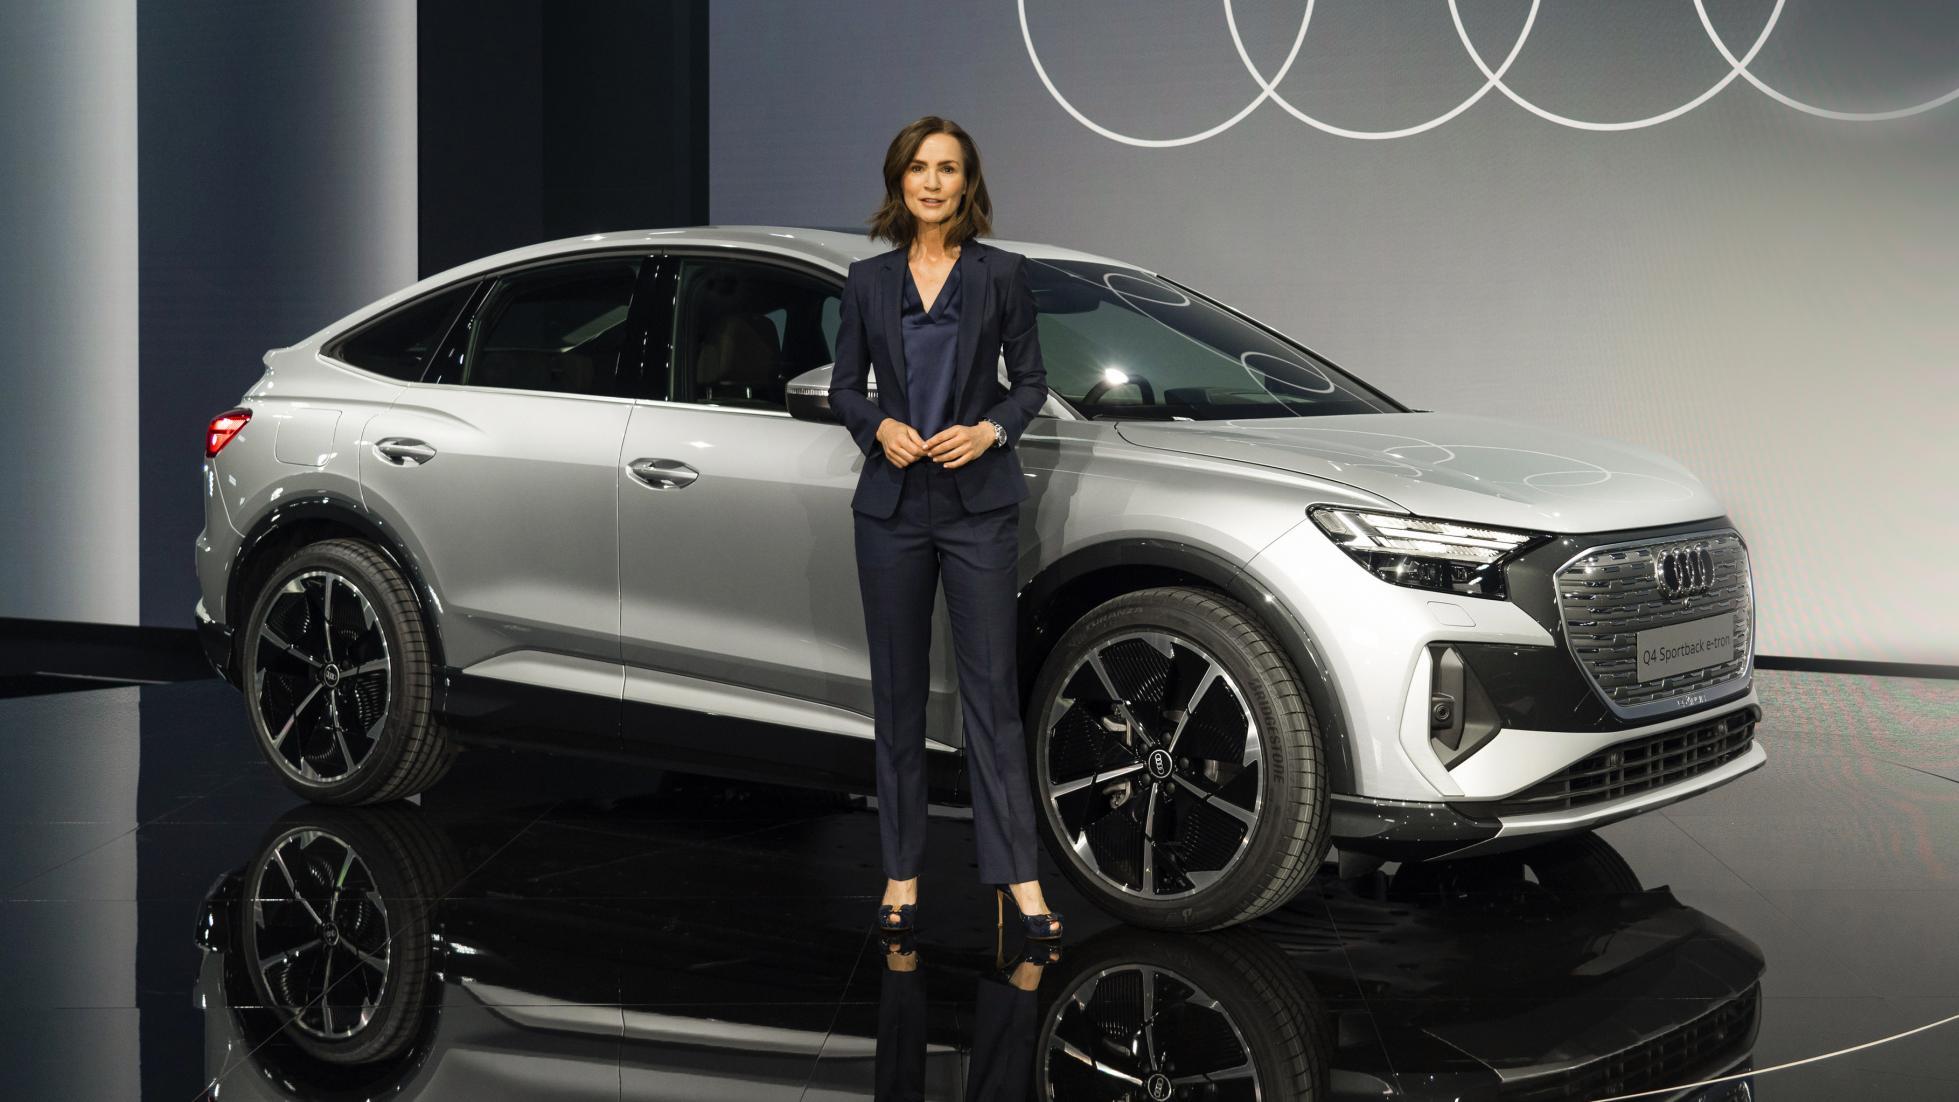 Audi Hildegard Wortmann